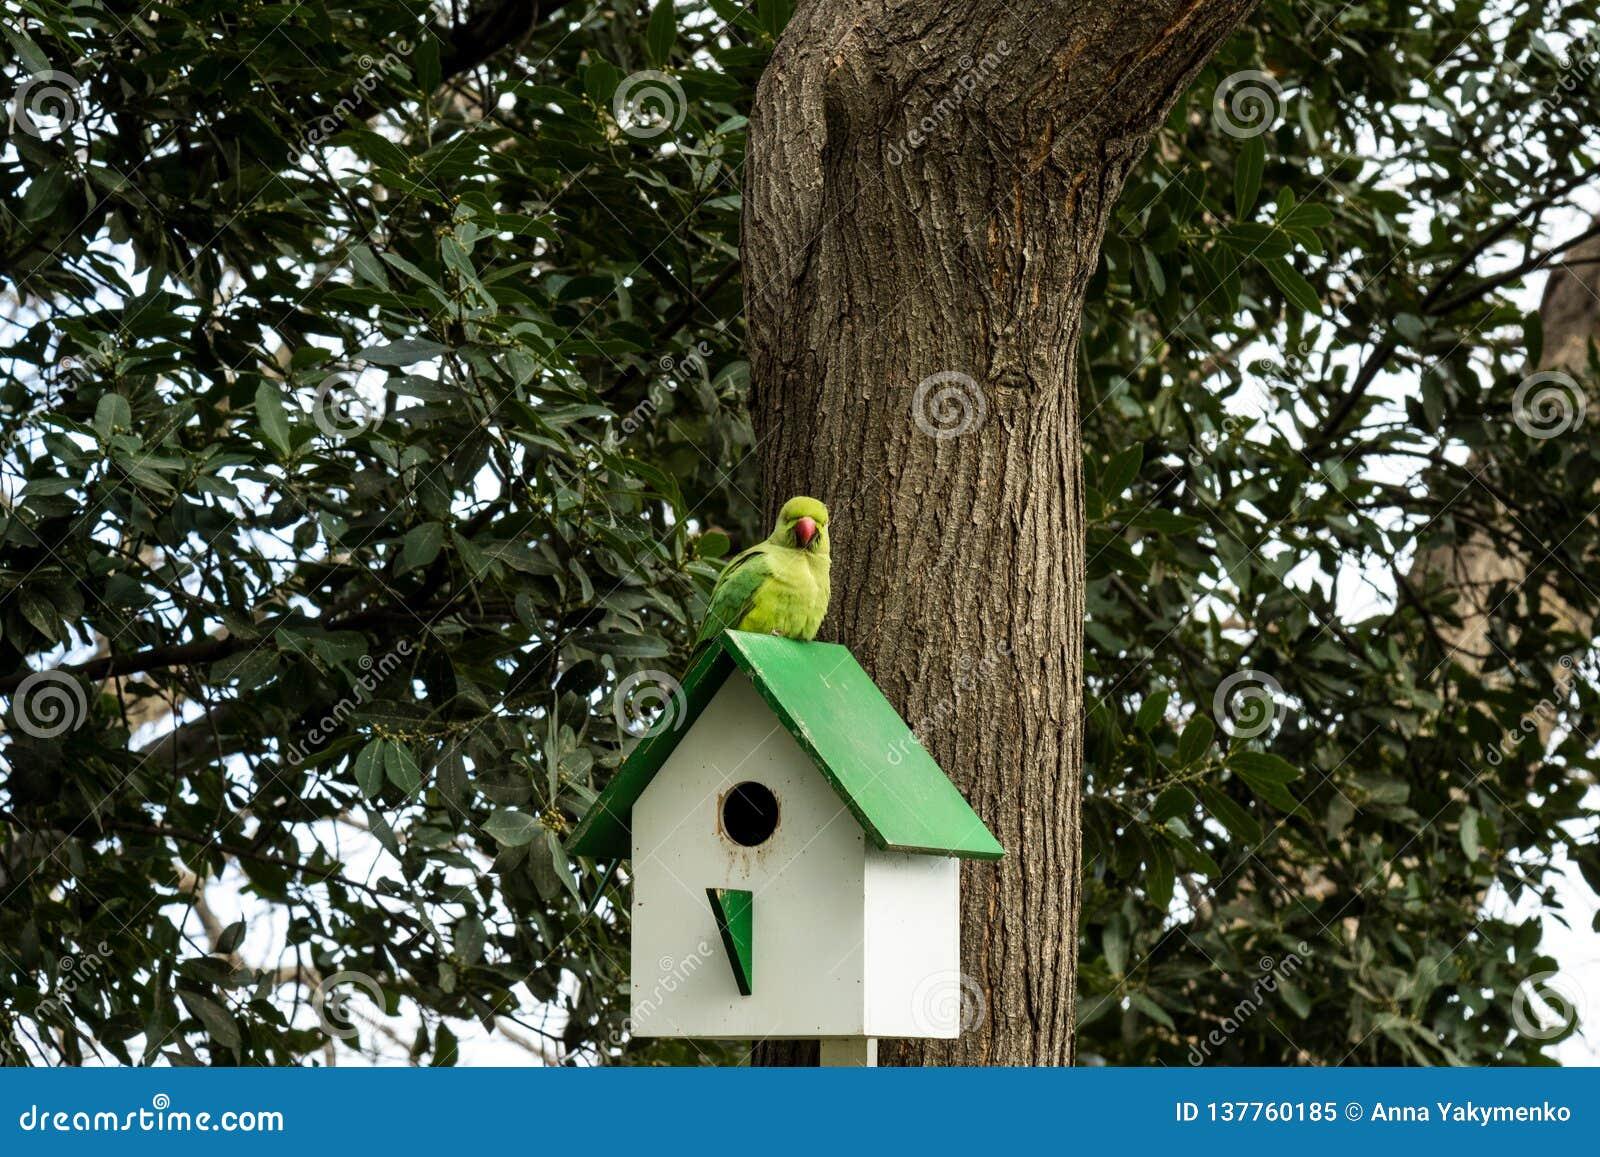 Loro en pajarera de madera en un árbol